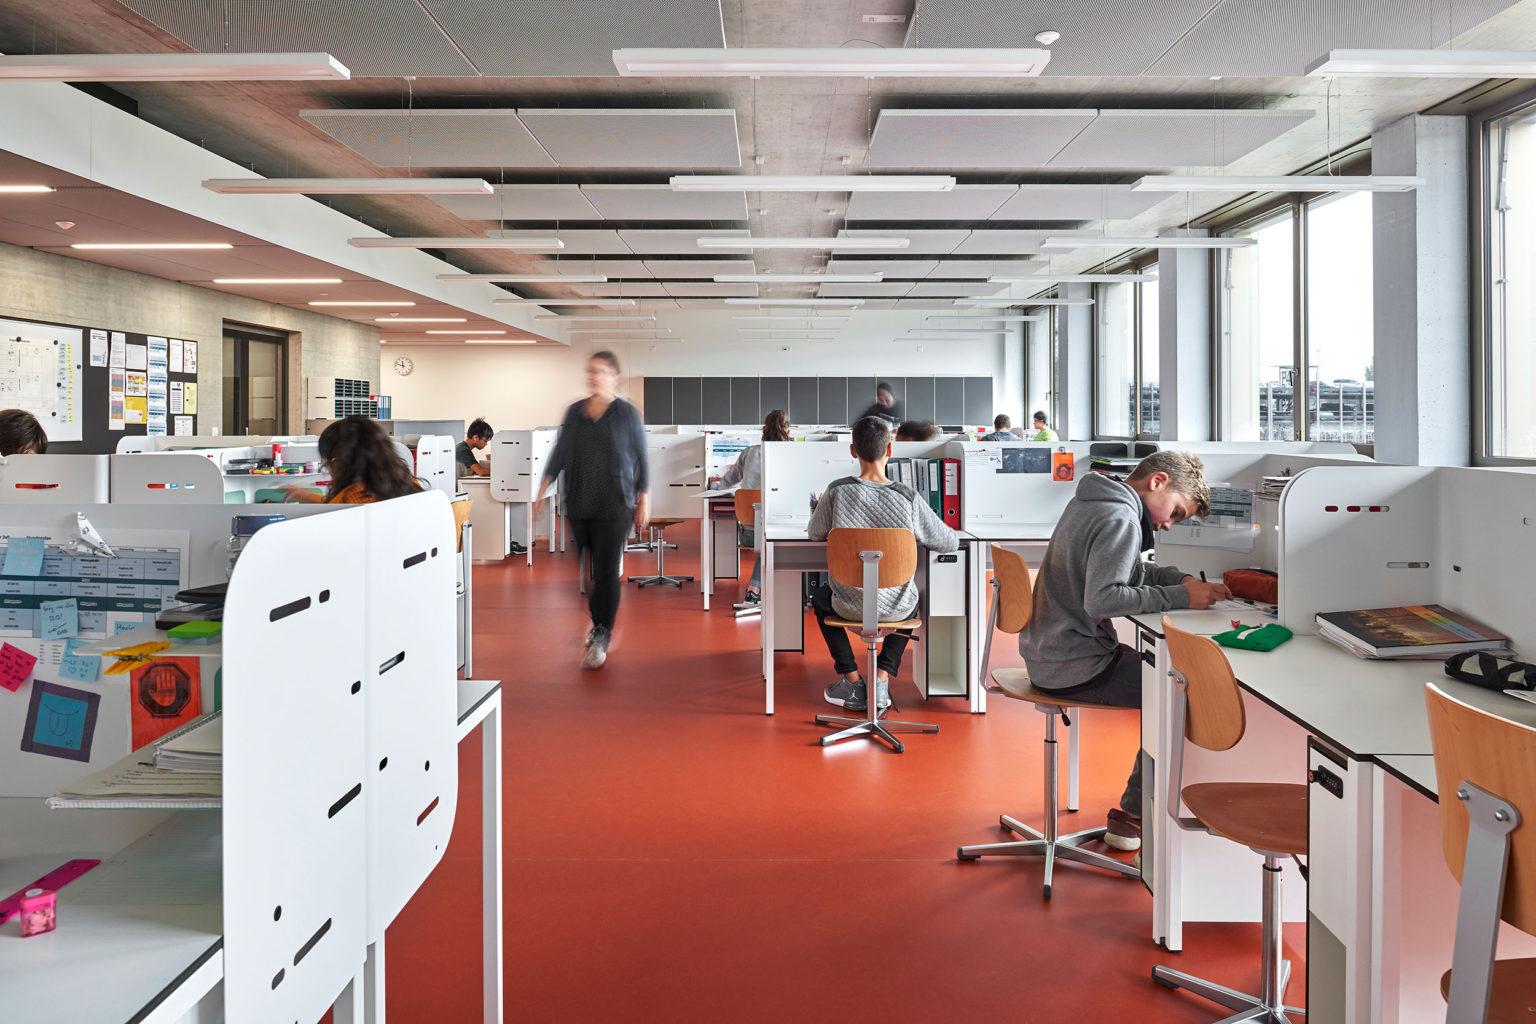 Neubau Sekundarschule Sandgruben © Fotografie Roman Weyeneth